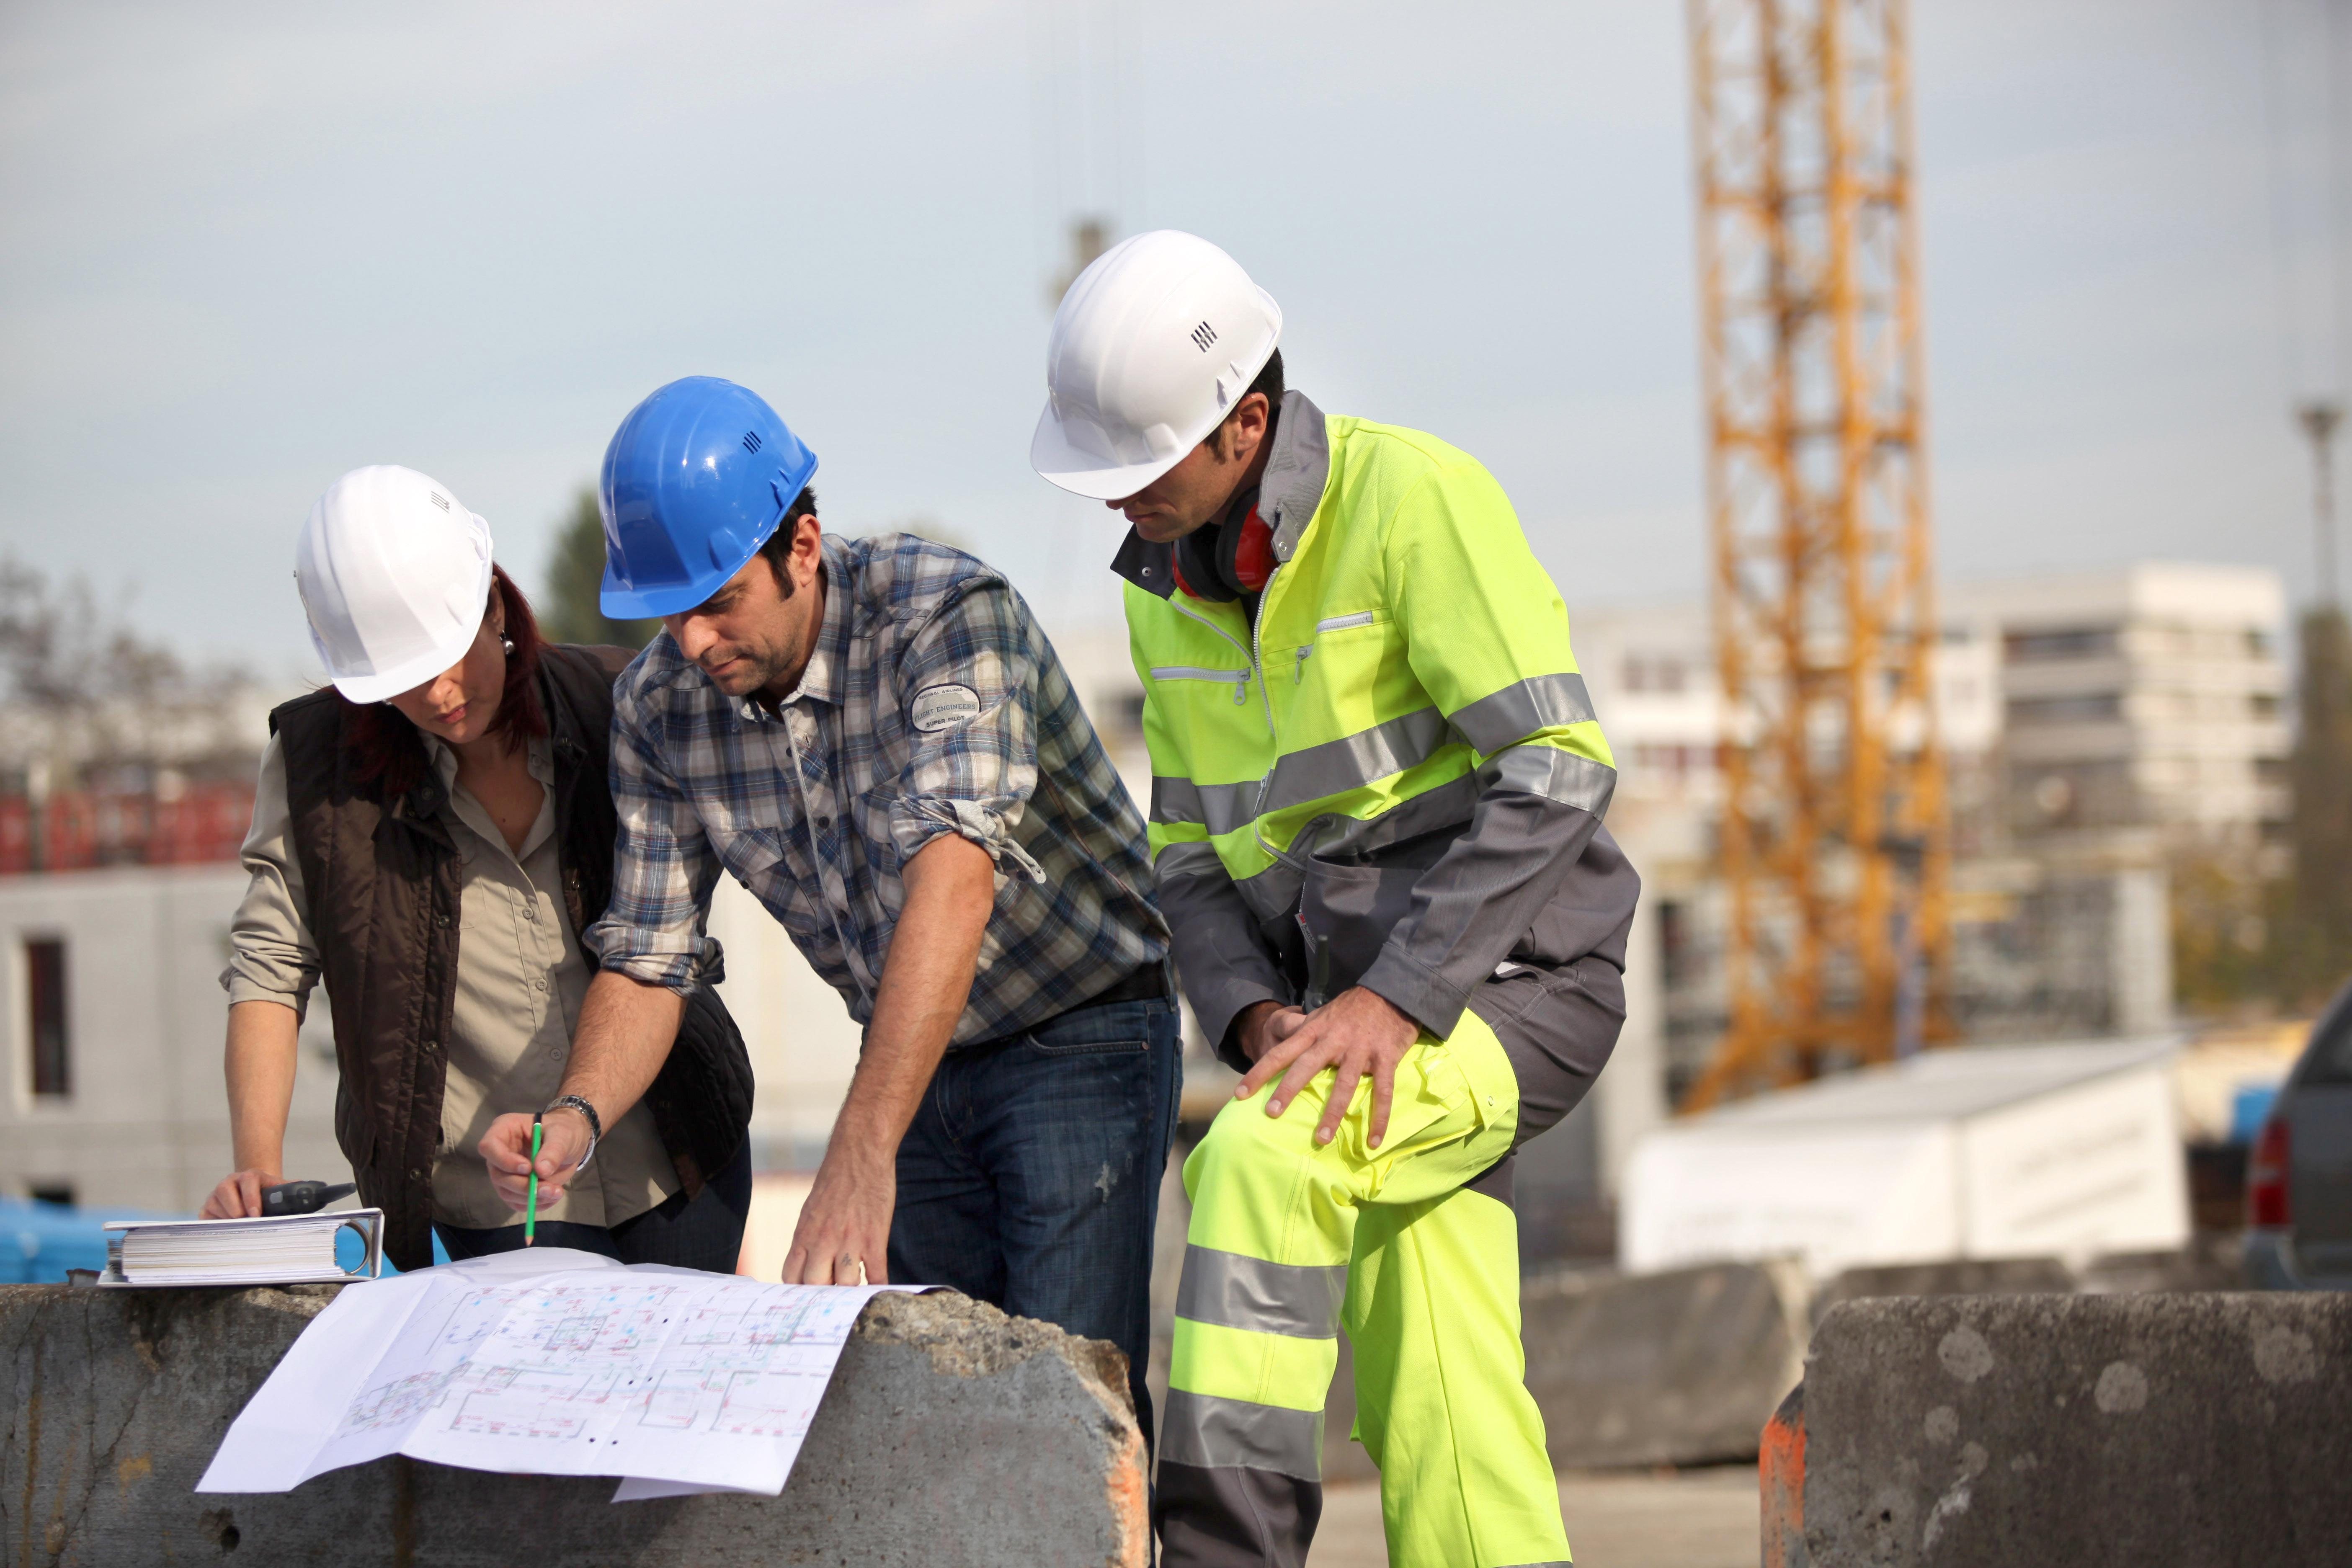 Conheça a legislação urbana para evitar problemas em seus projetos de construção